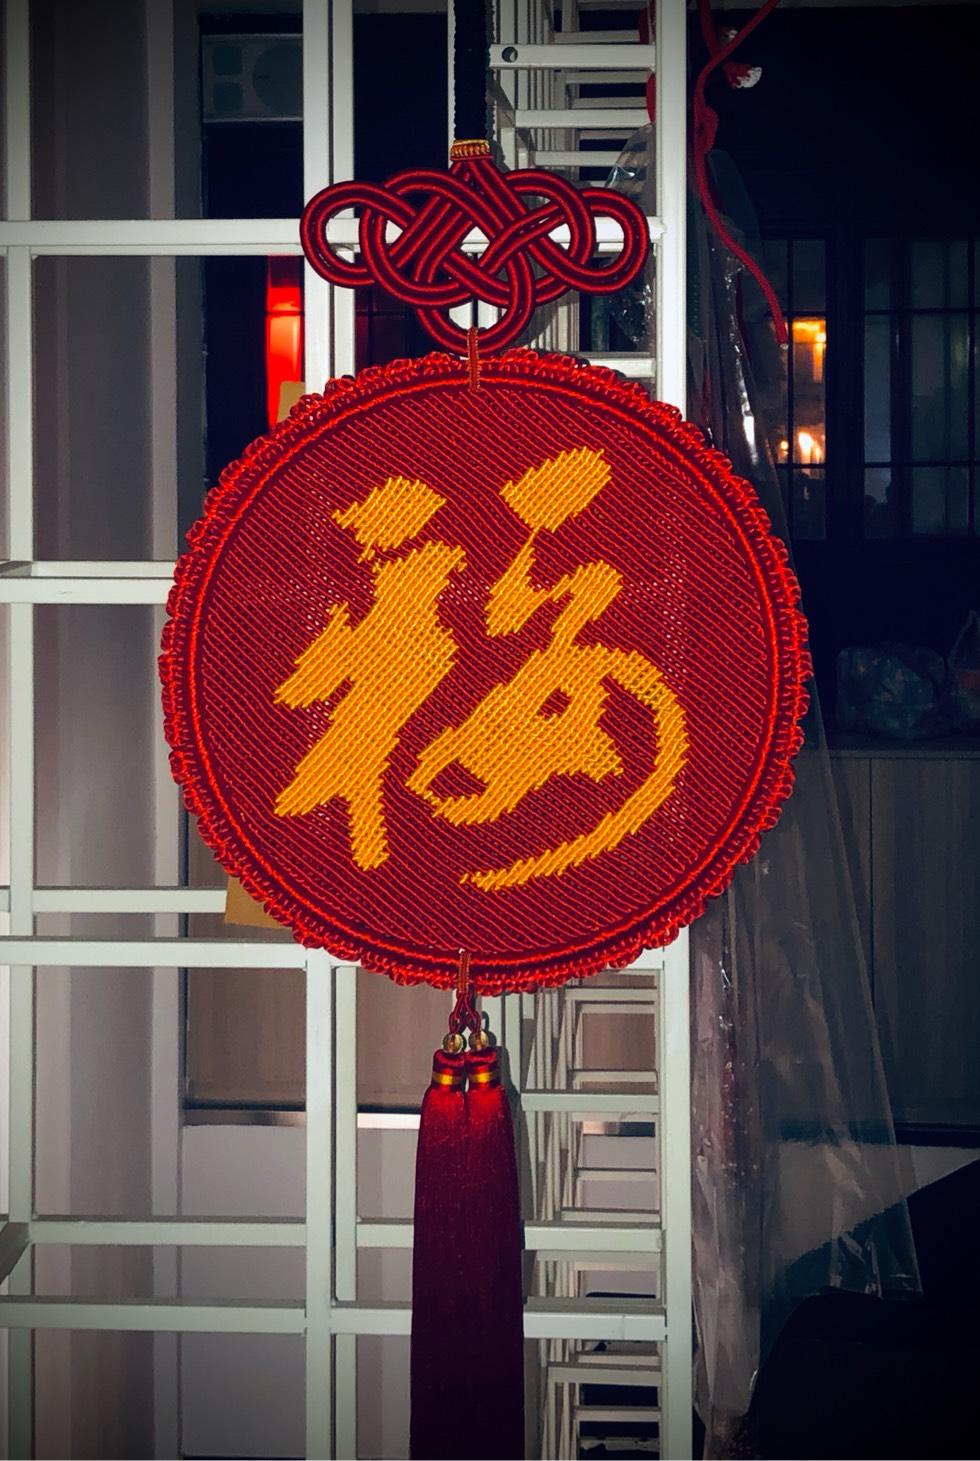 中国结论坛 感谢老师的素材 感谢,感谢老师,老师,素材,名人受老师影响的事例 作品展示 181343t89dvgvlh9j18e8x